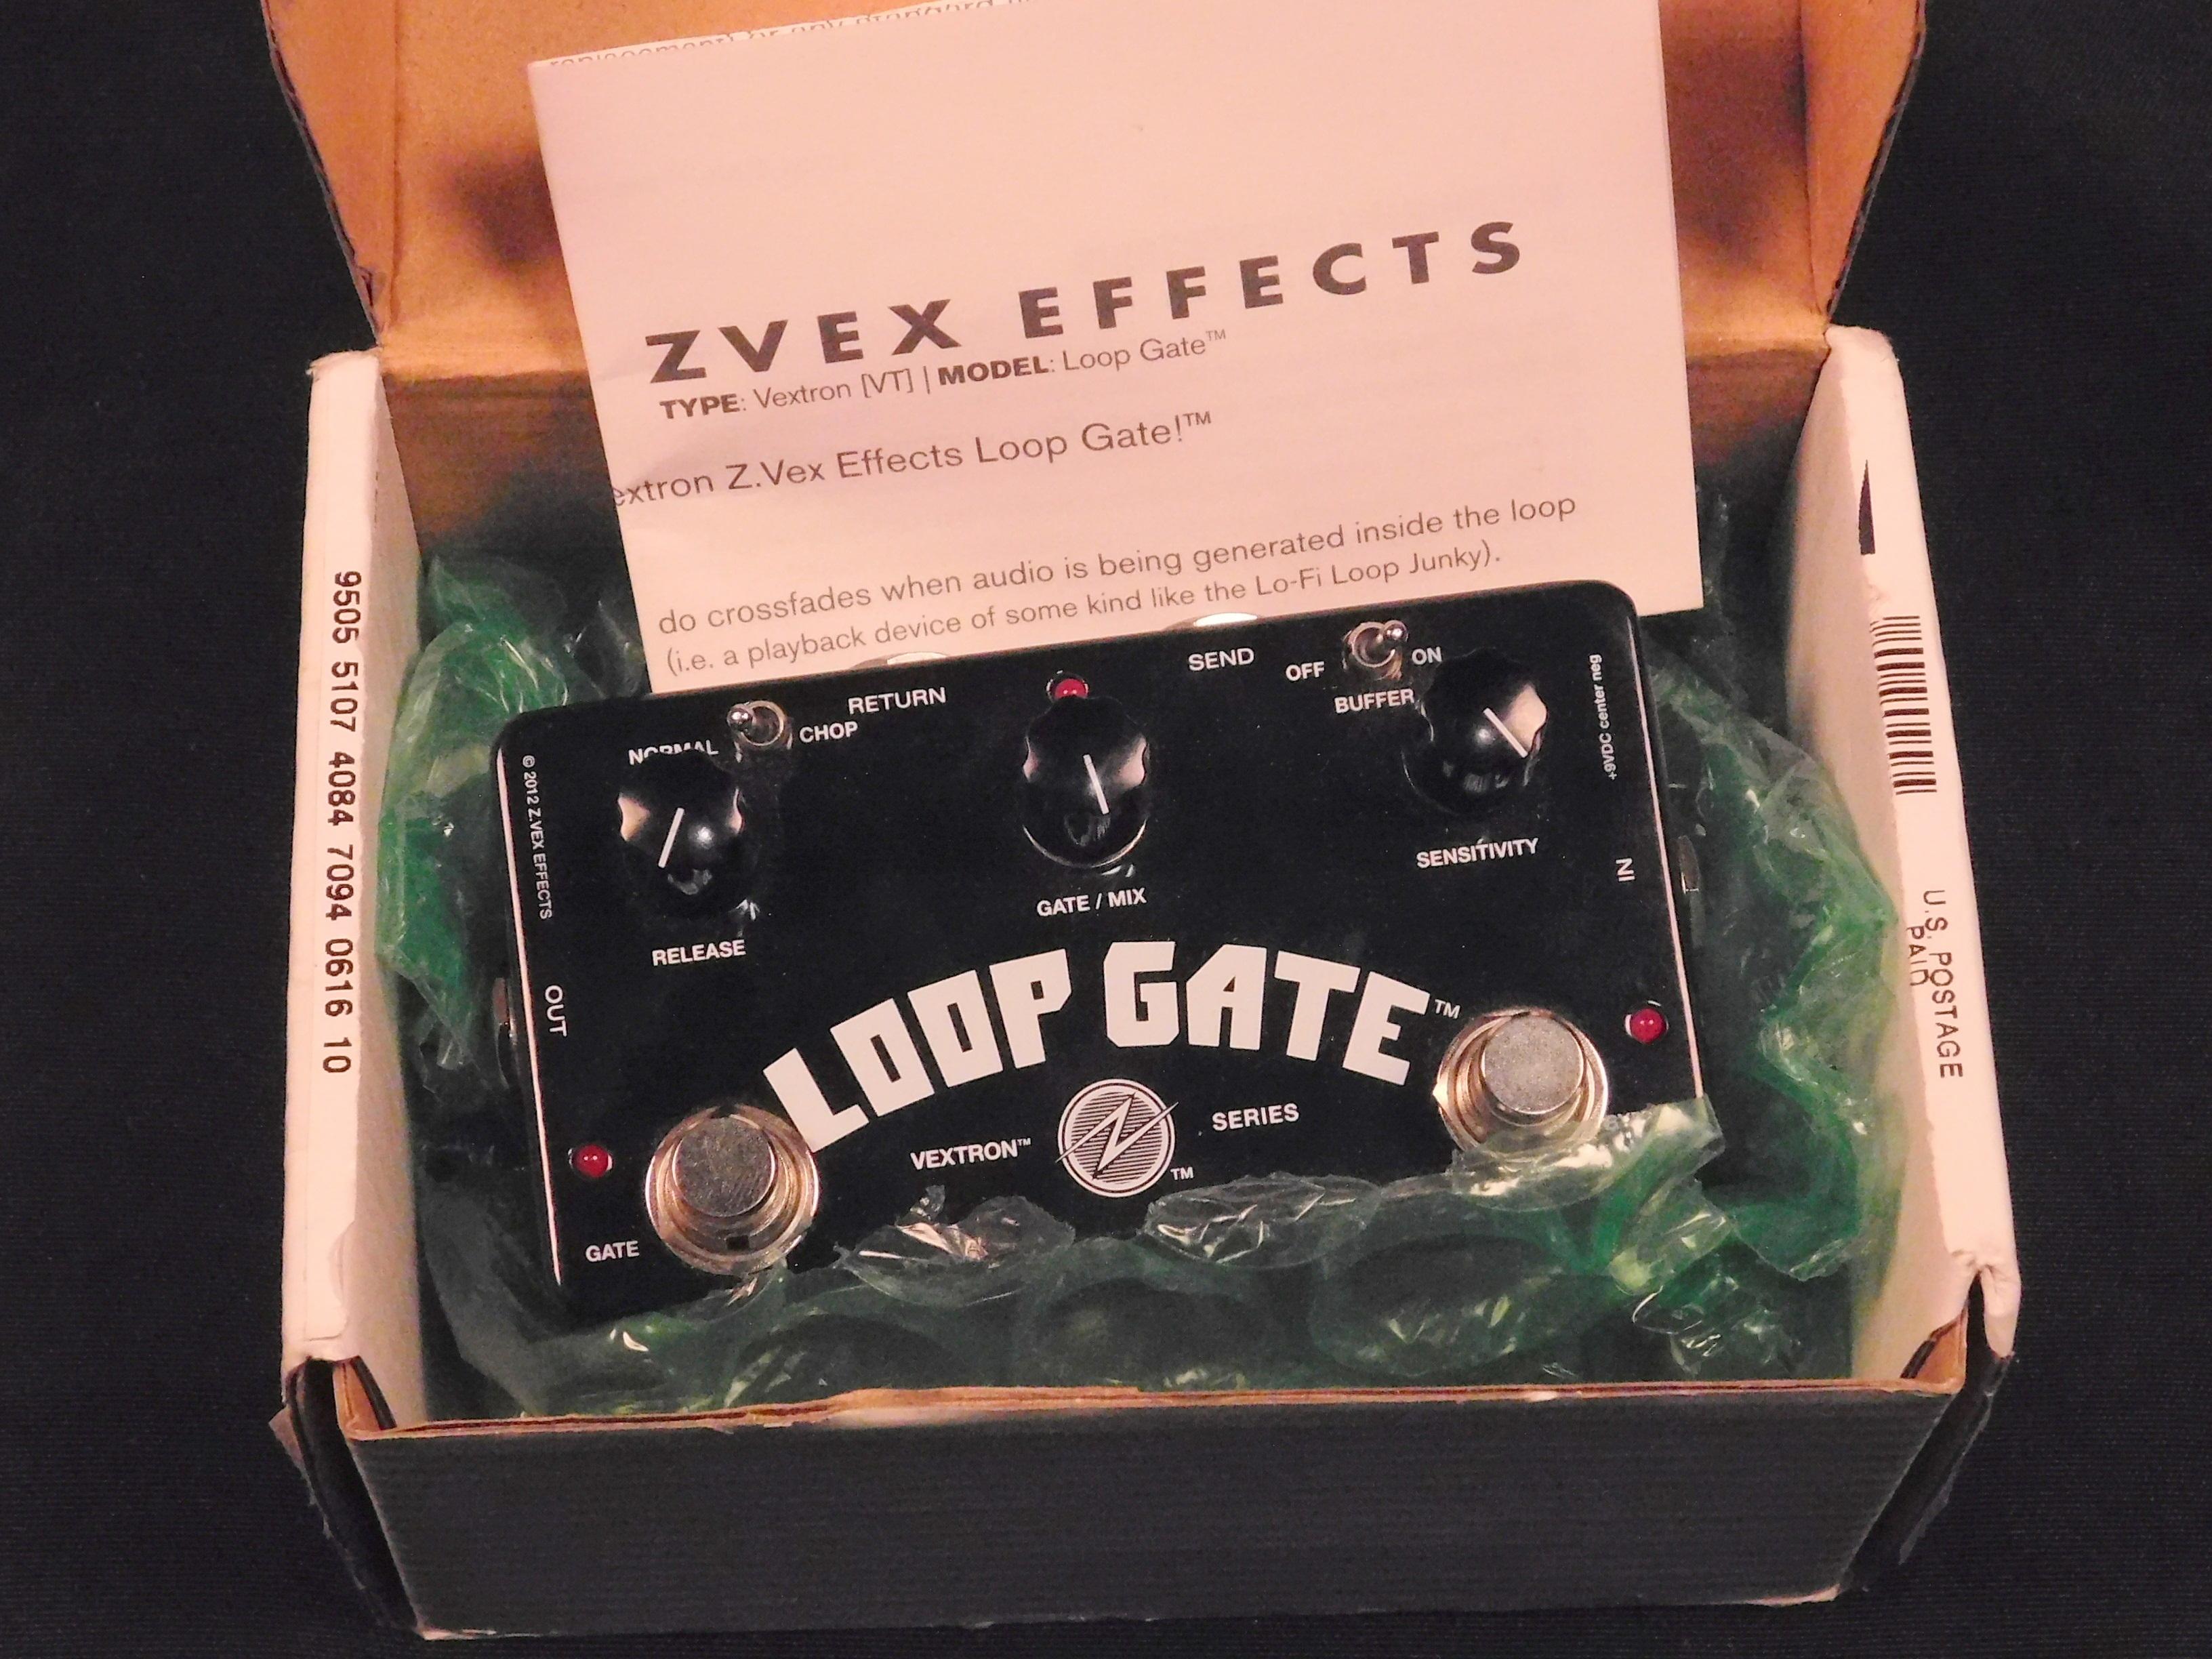 ZVEX LOOP GATE EFFECTS PEDAL IN ORIGINAL BOX - Z.VEX